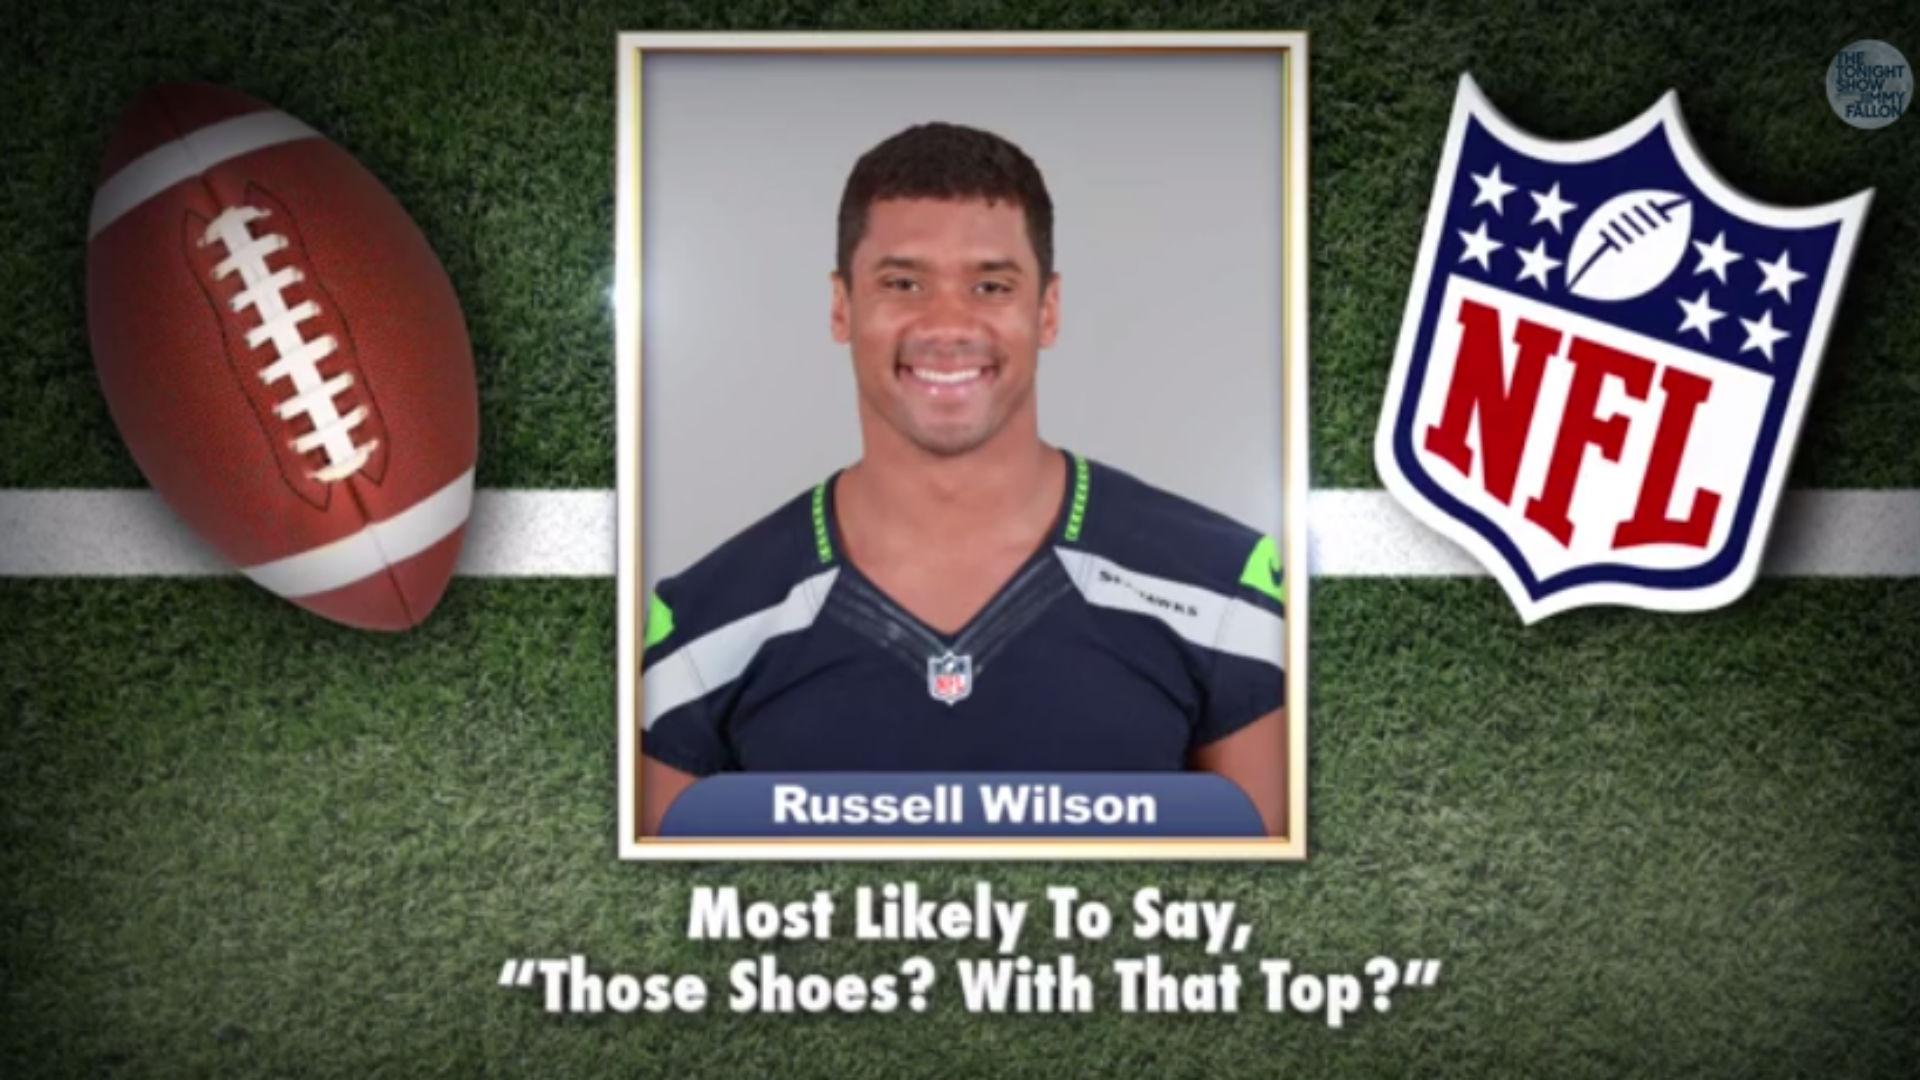 russell-wilson-011715-ftr-youtube.jpg